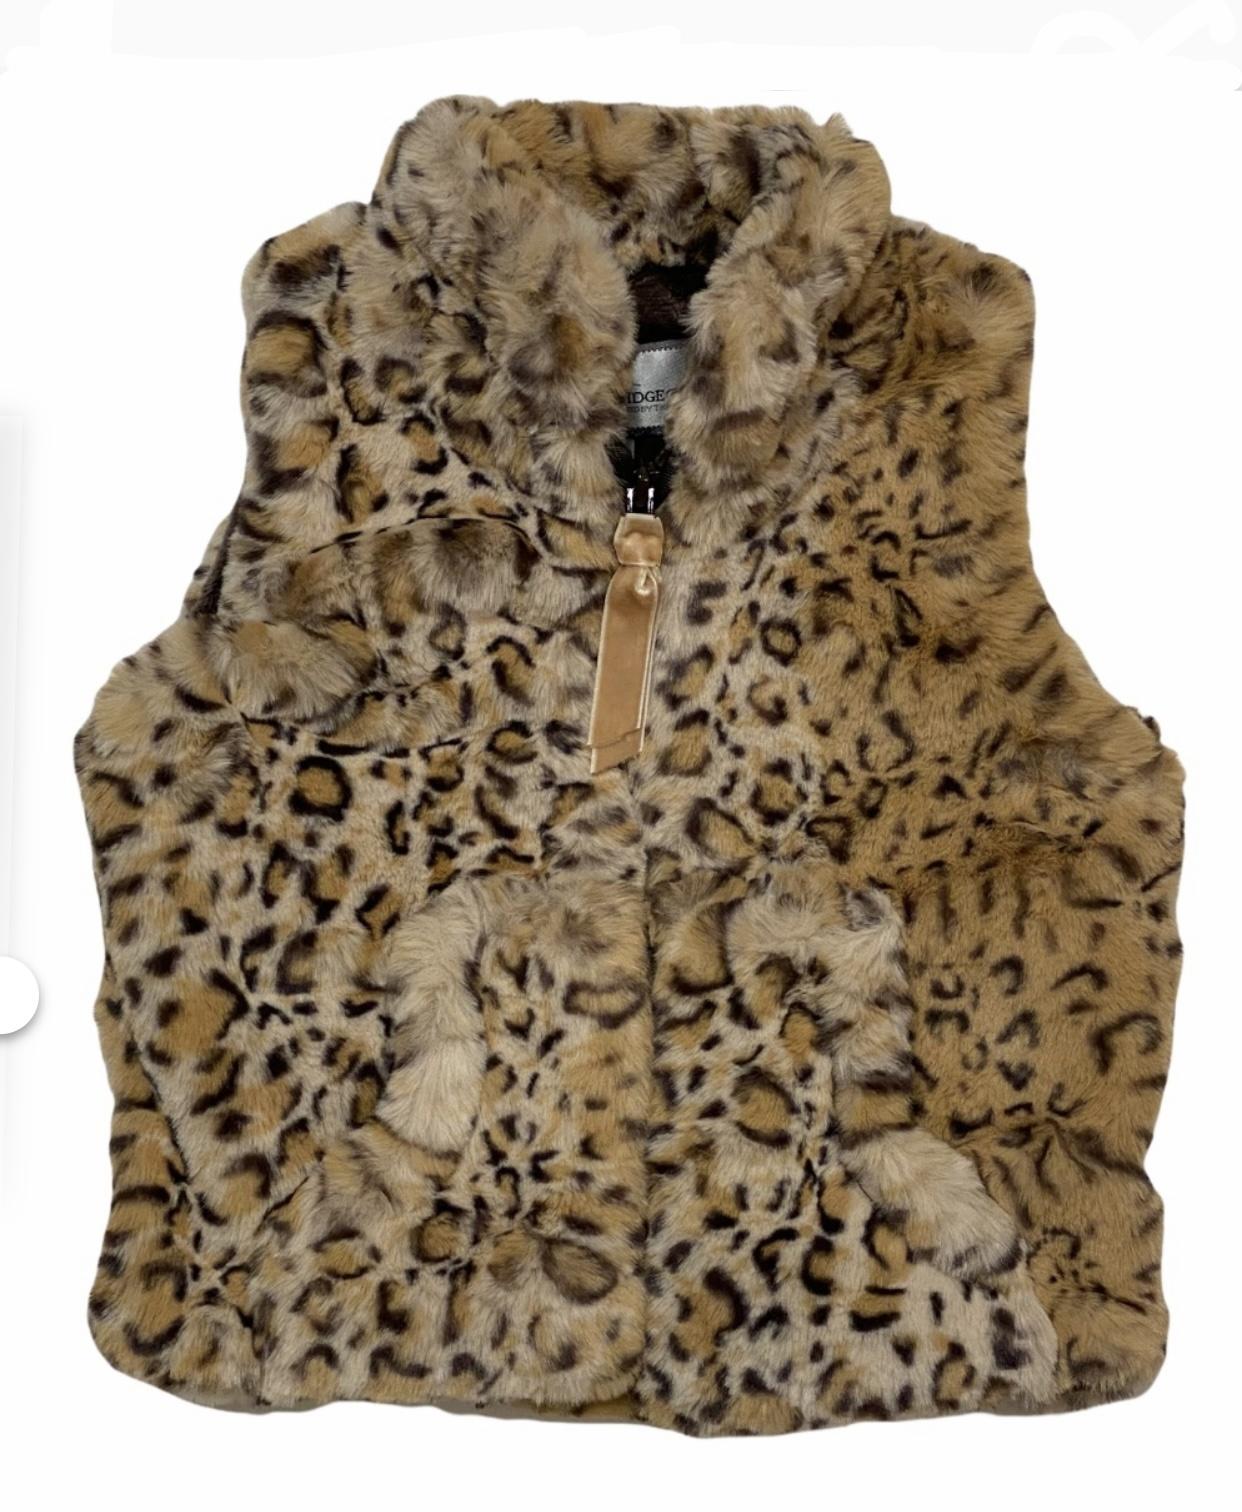 Caramel Leopard Faux Fur Vest